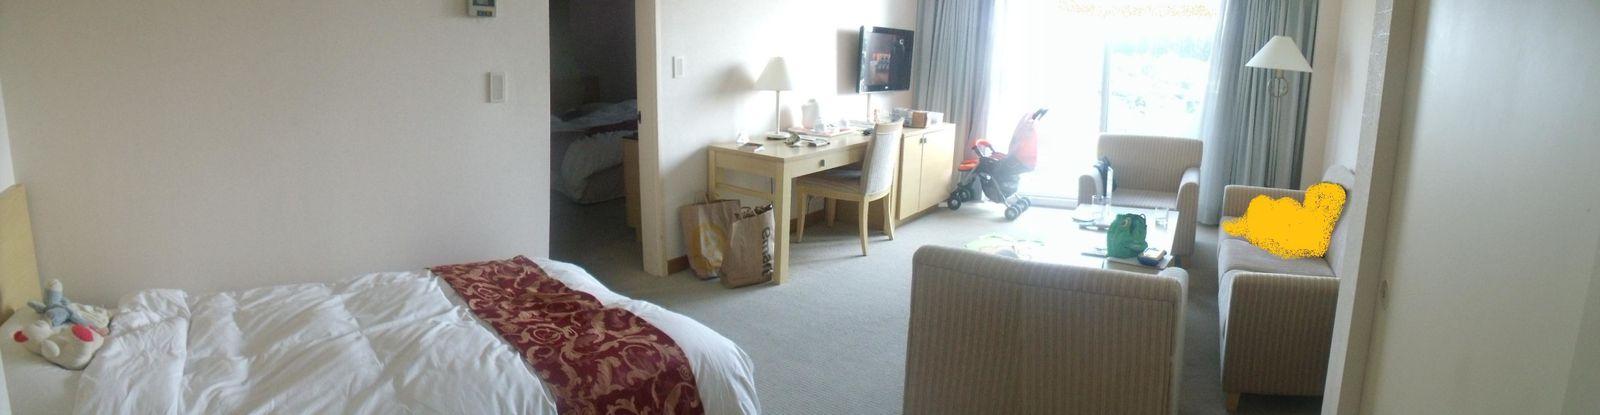 Changement d'hôtel !